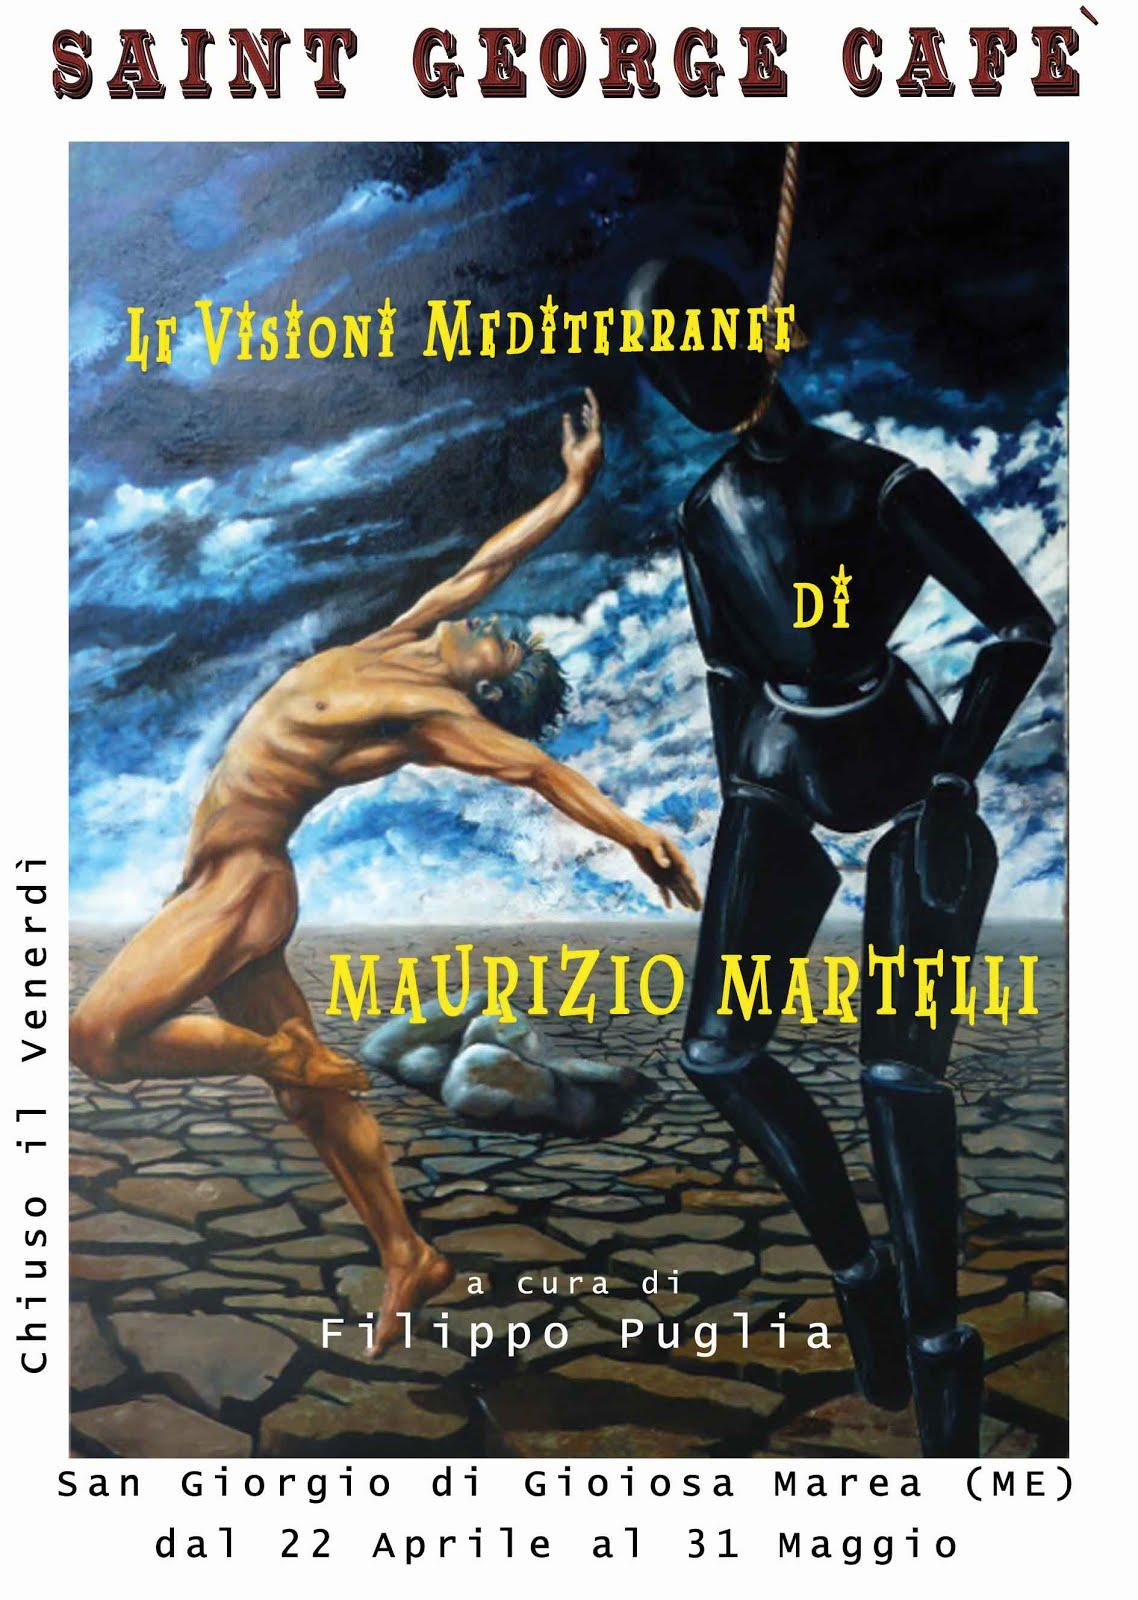 Visioni Mediterranee di Maurizio Martelli - 2015